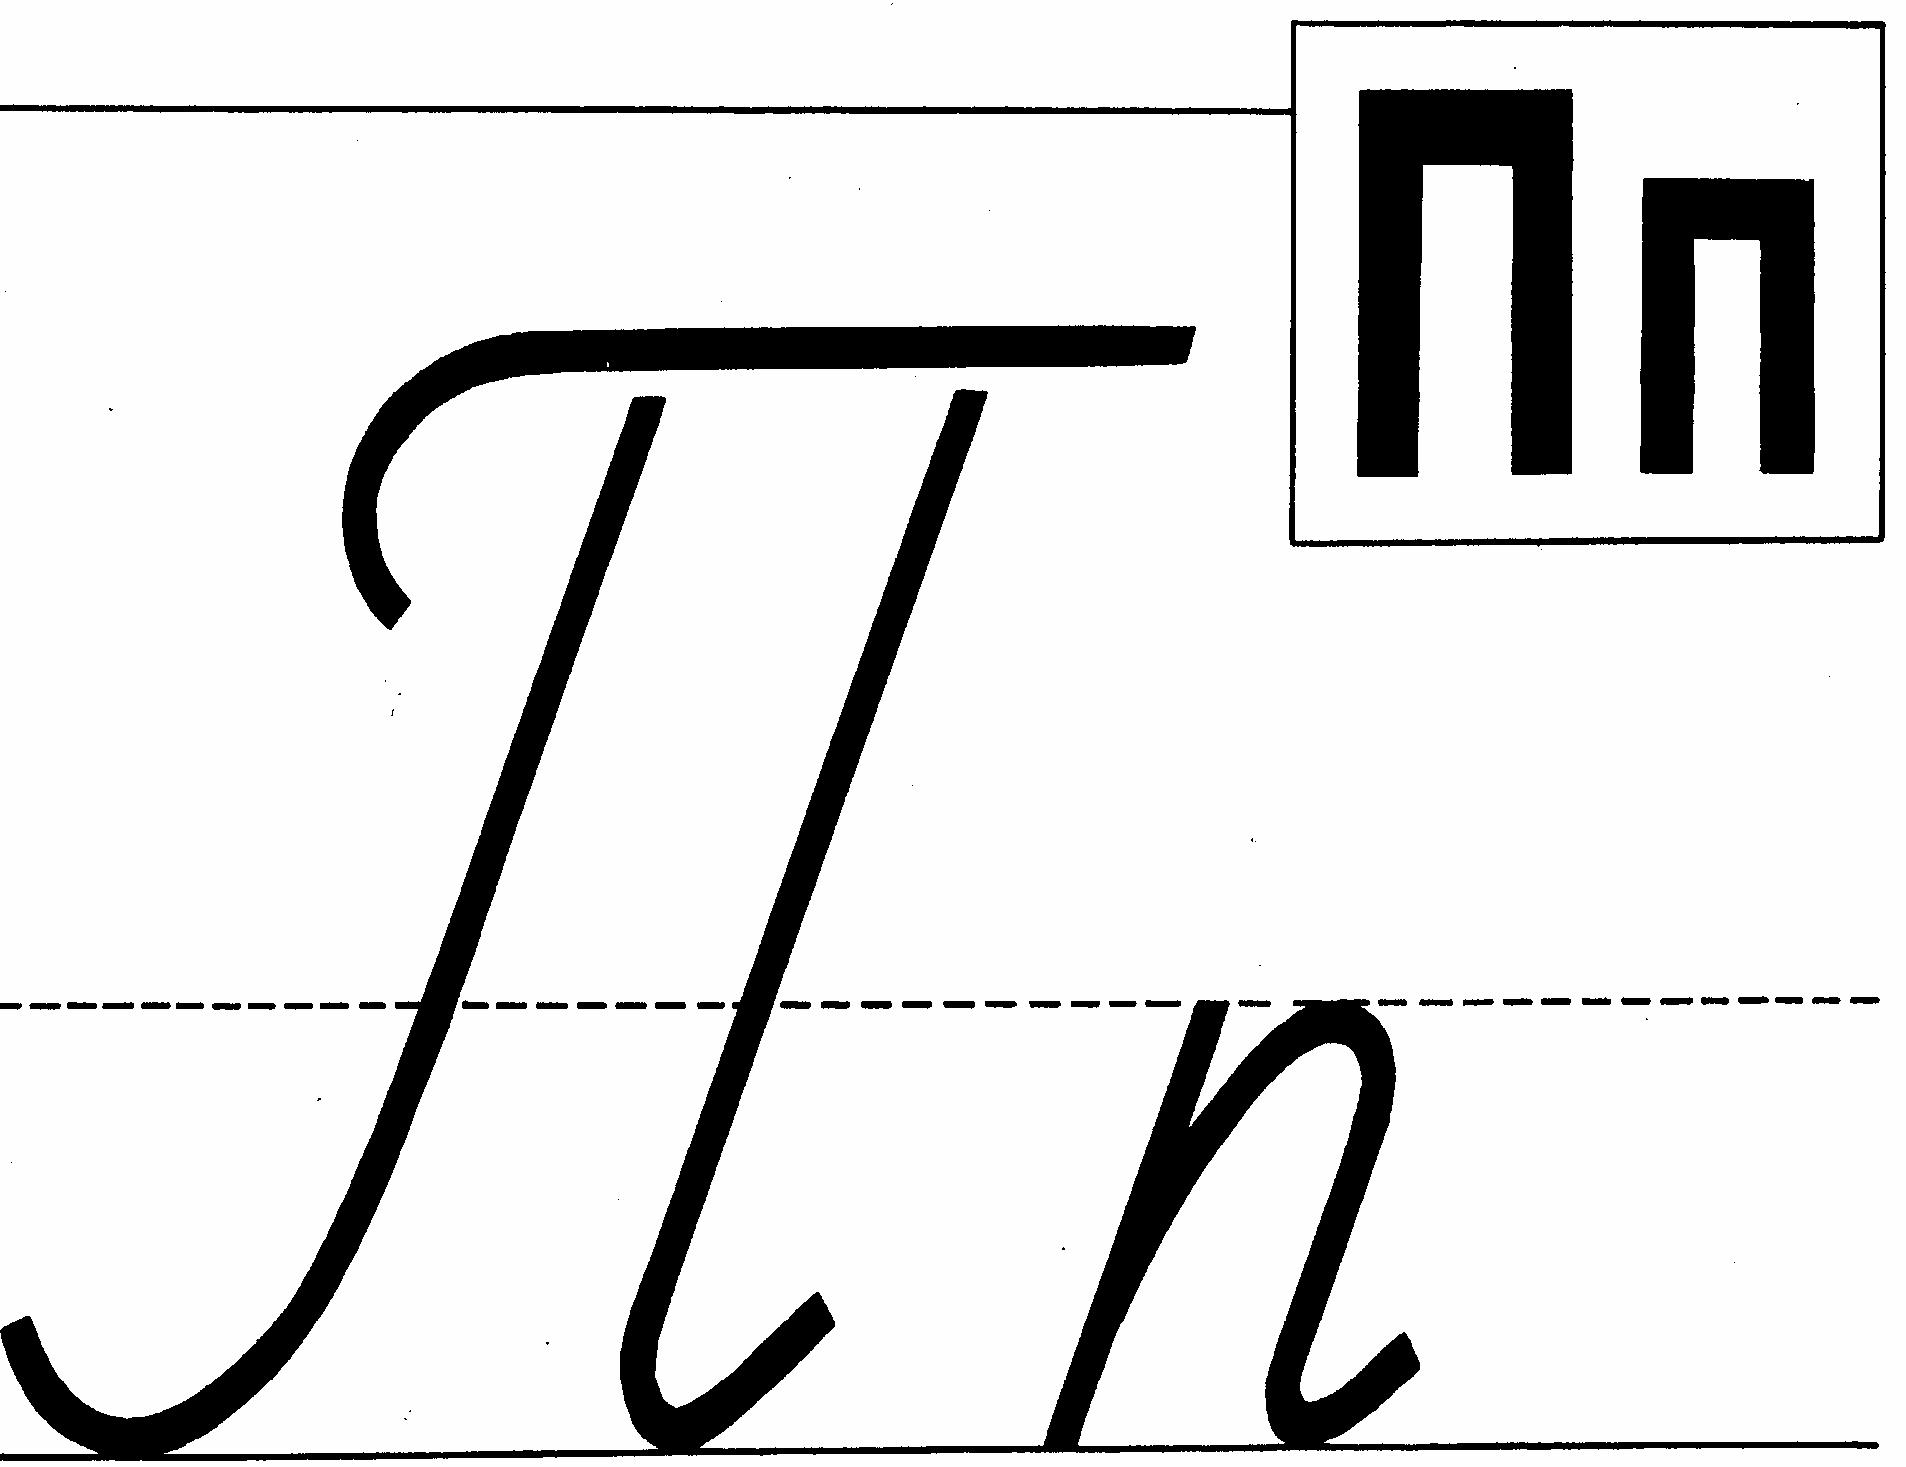 127FC7E2